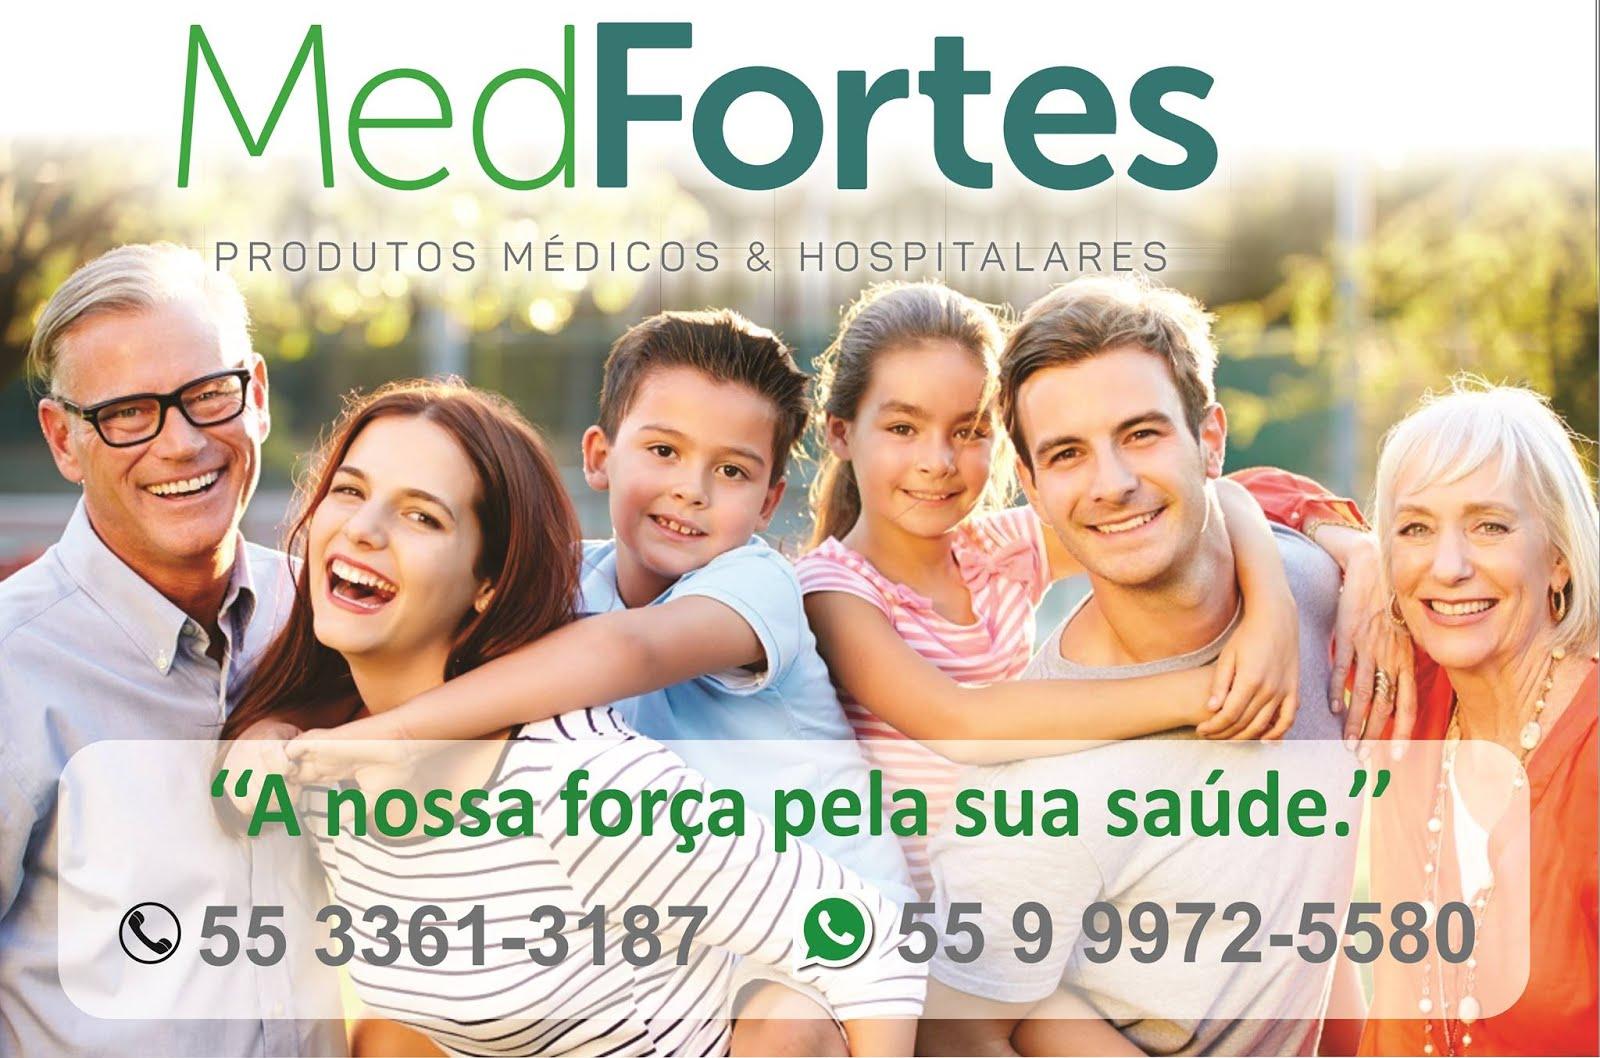 MedFortes - Produtos Médicos e Hospitalares